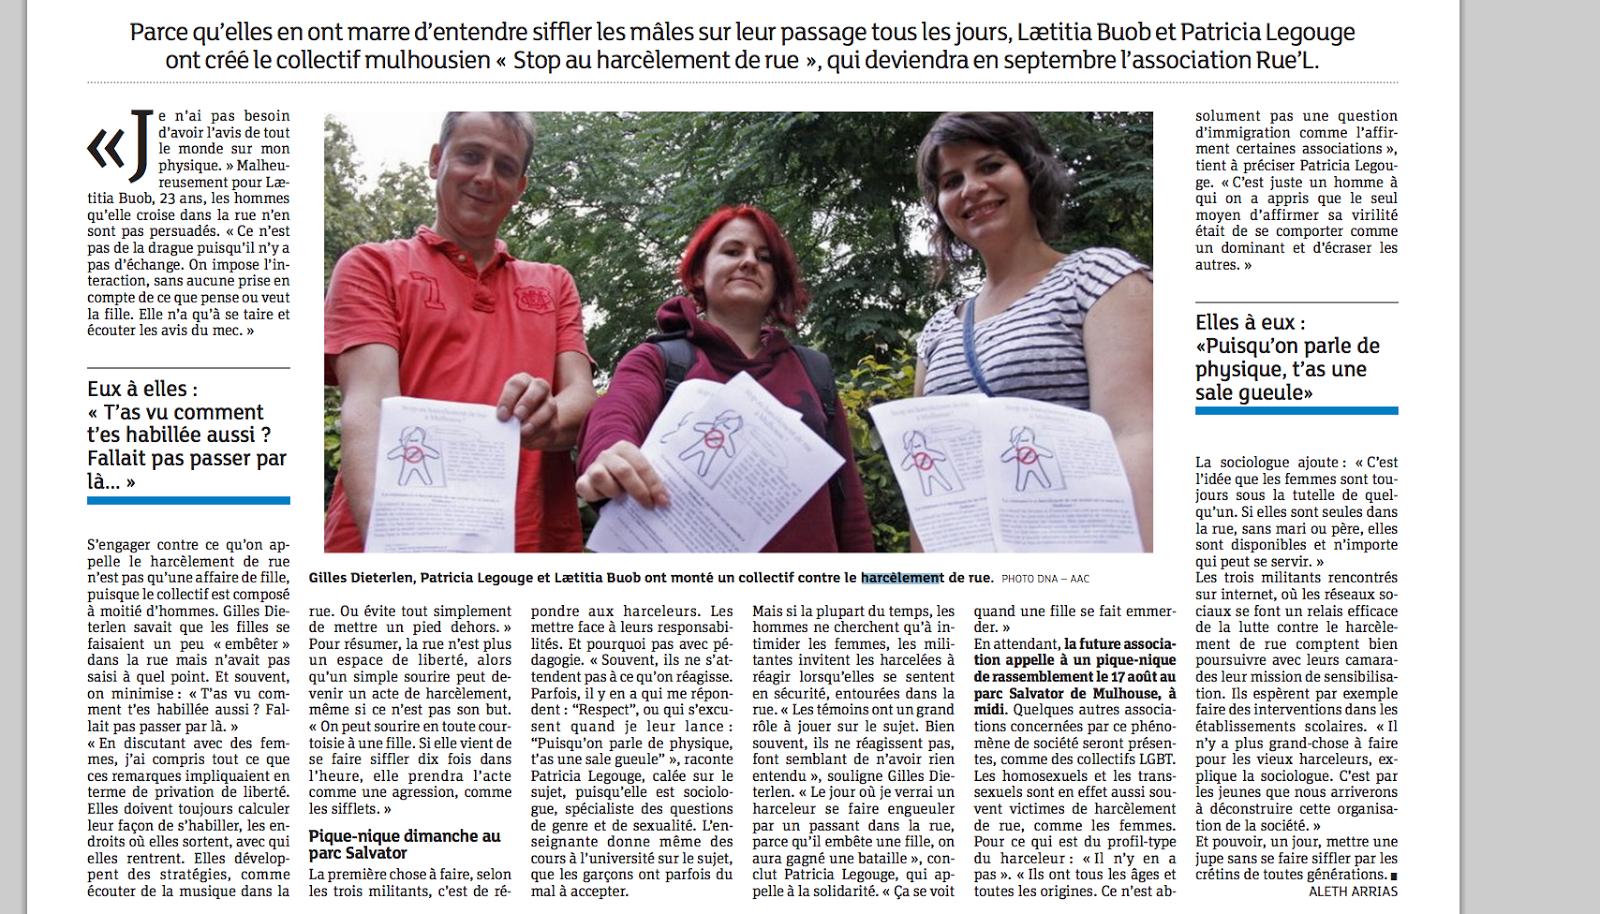 article stop au harcèlement de rue Mulhouse - DNA